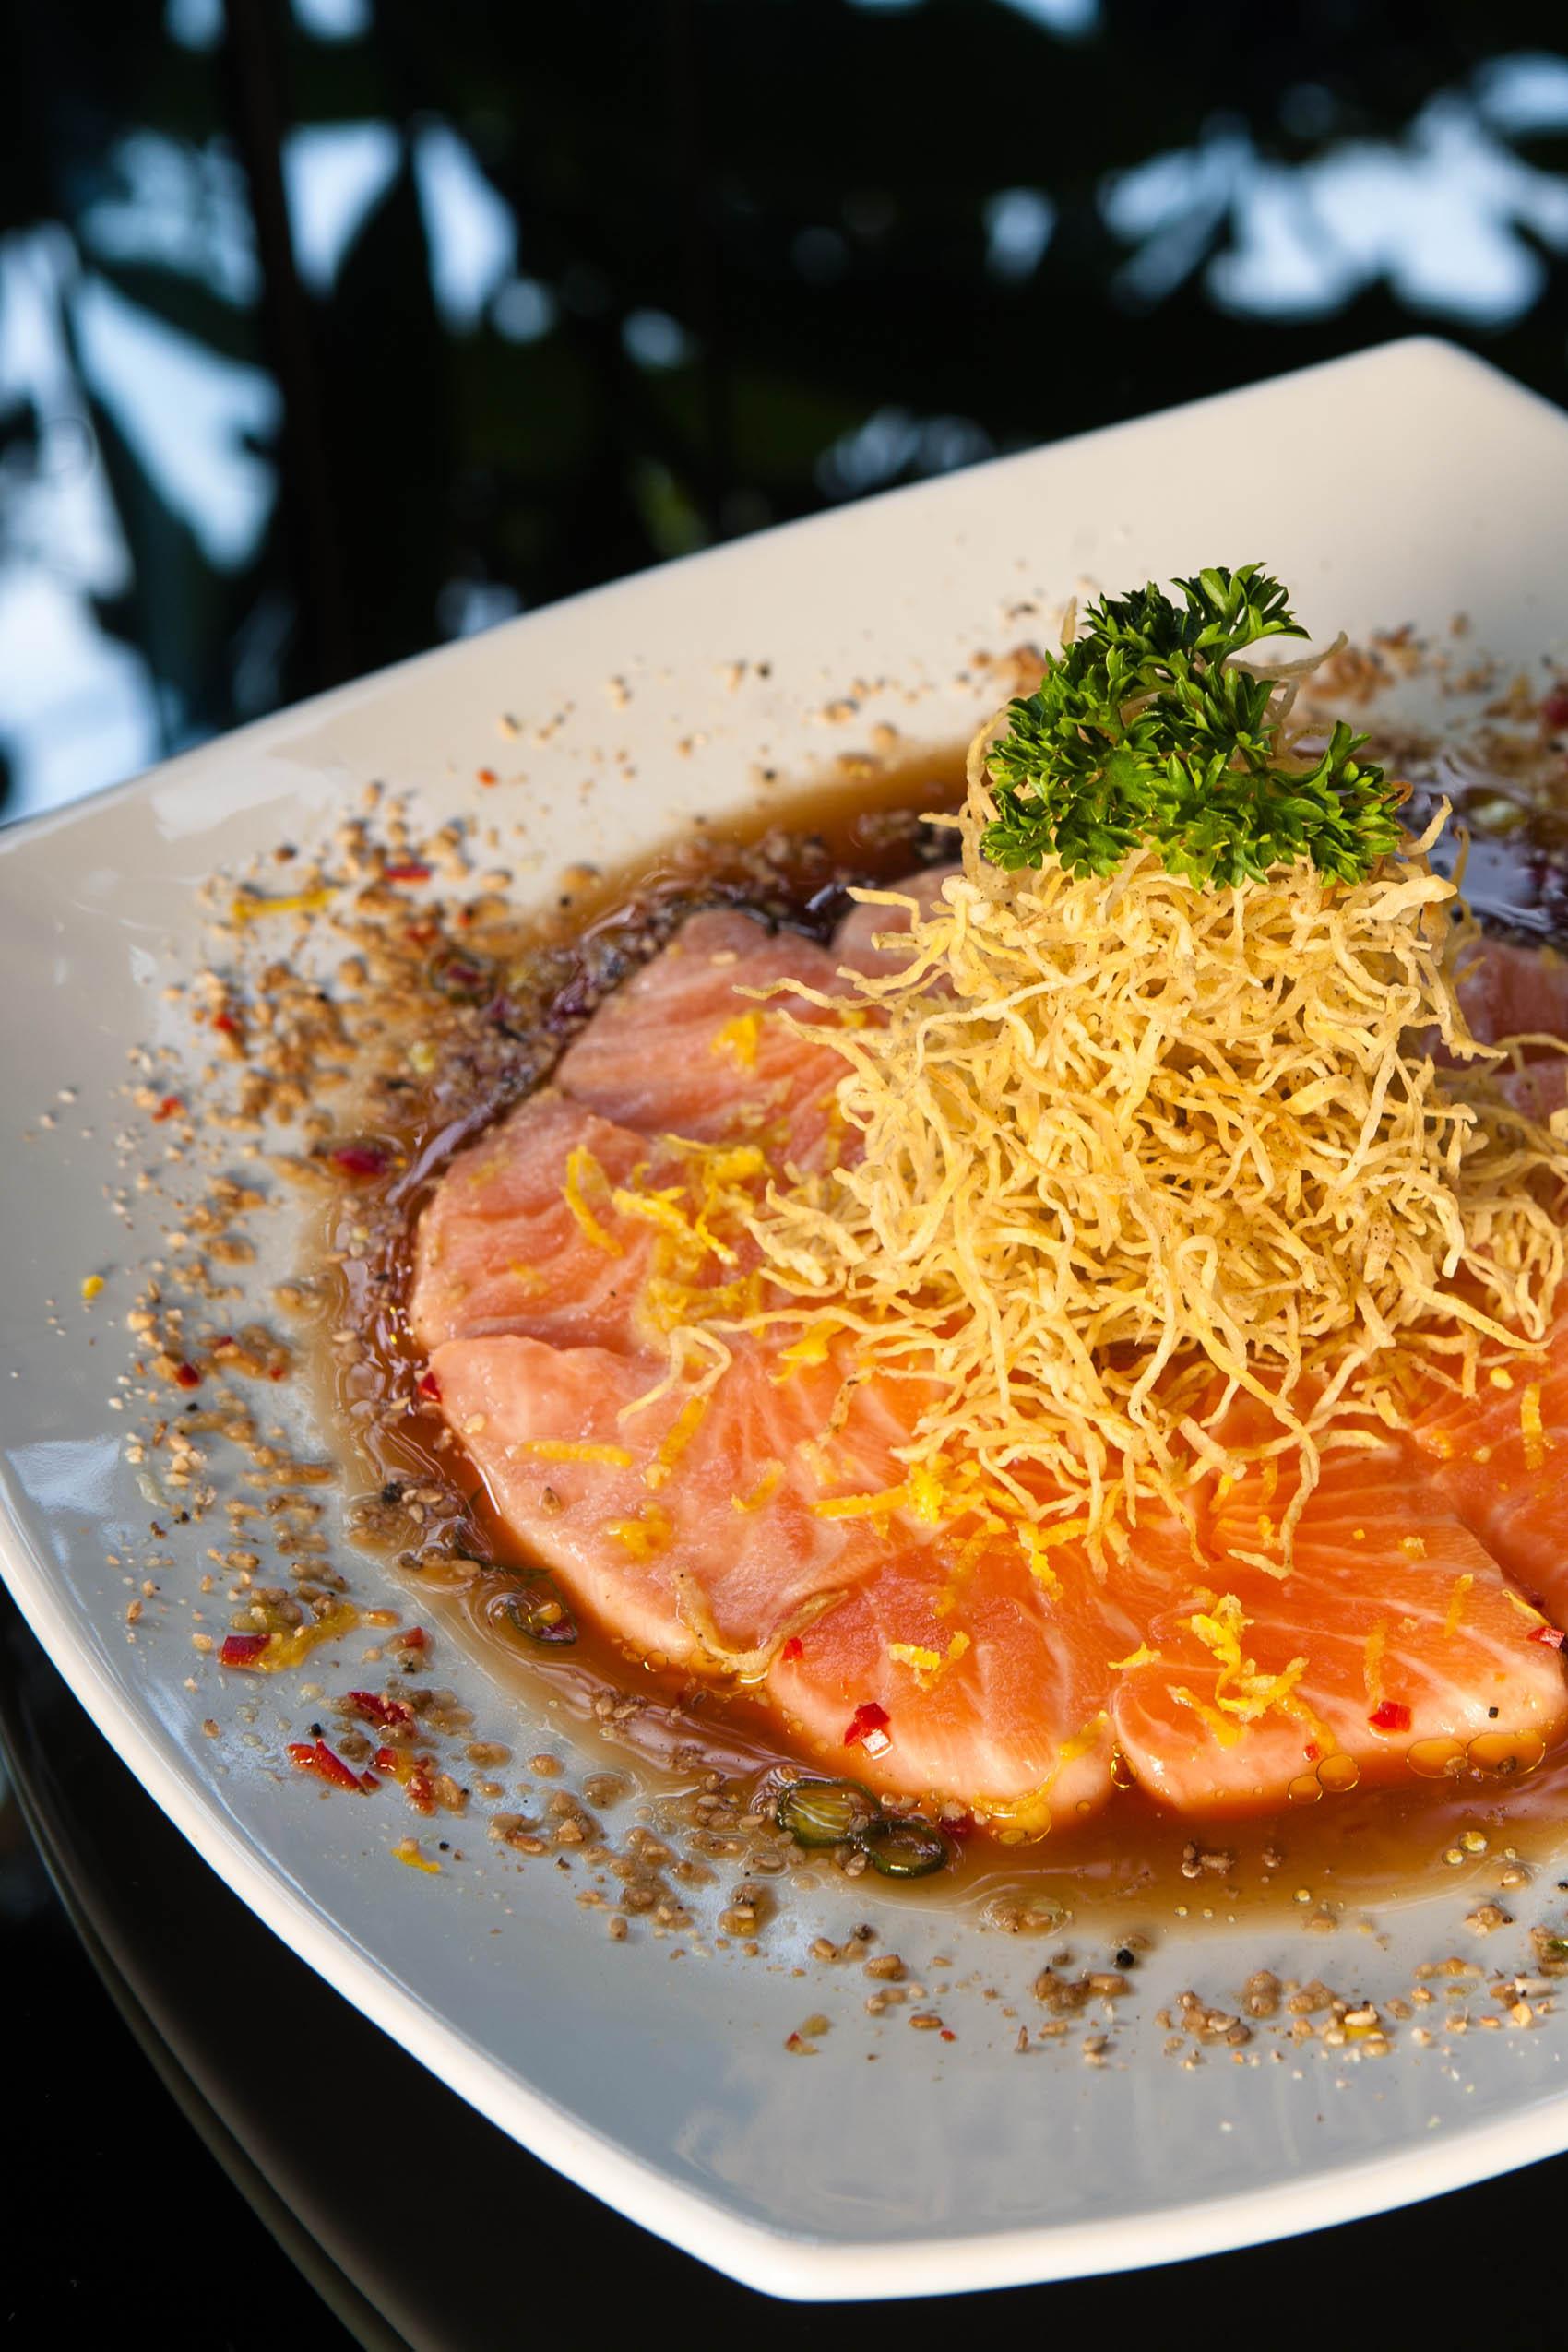 Ussuzukuri de salmão com crispi de batata doce, molho de siciliano com toque de de azeite trufado e majericão